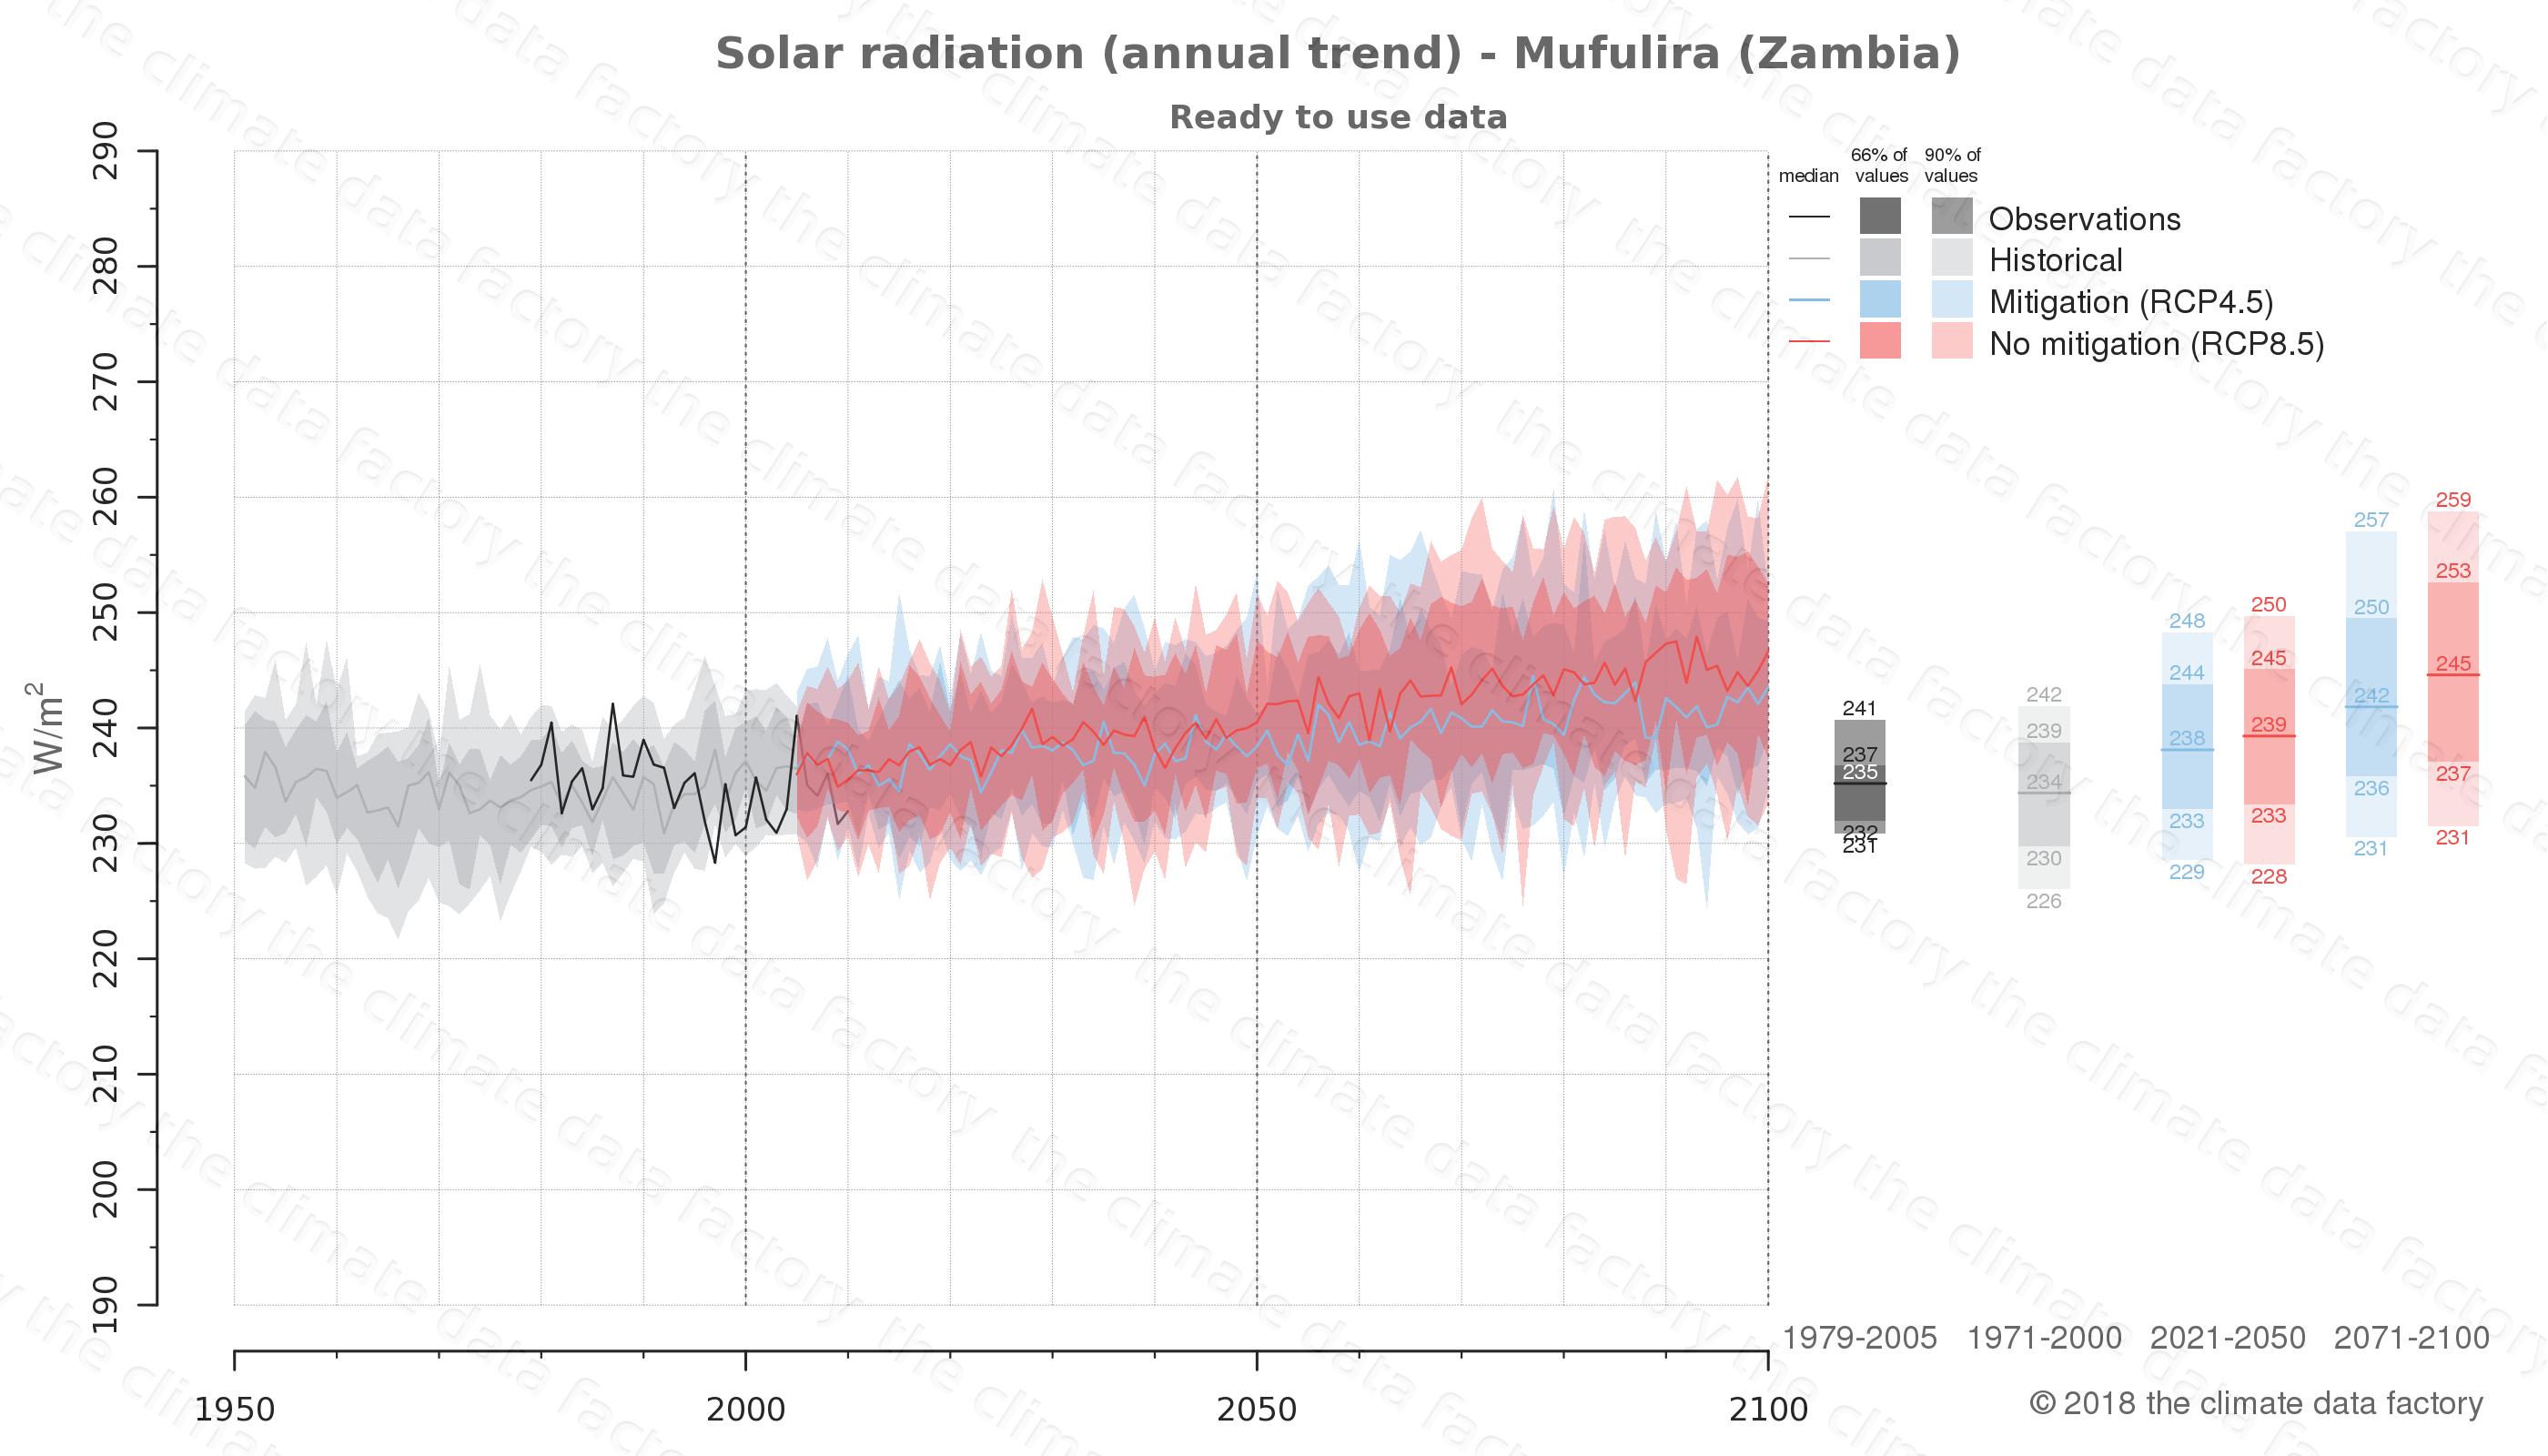 climate change data policy adaptation climate graph city data solar-radiation mufulira zambia